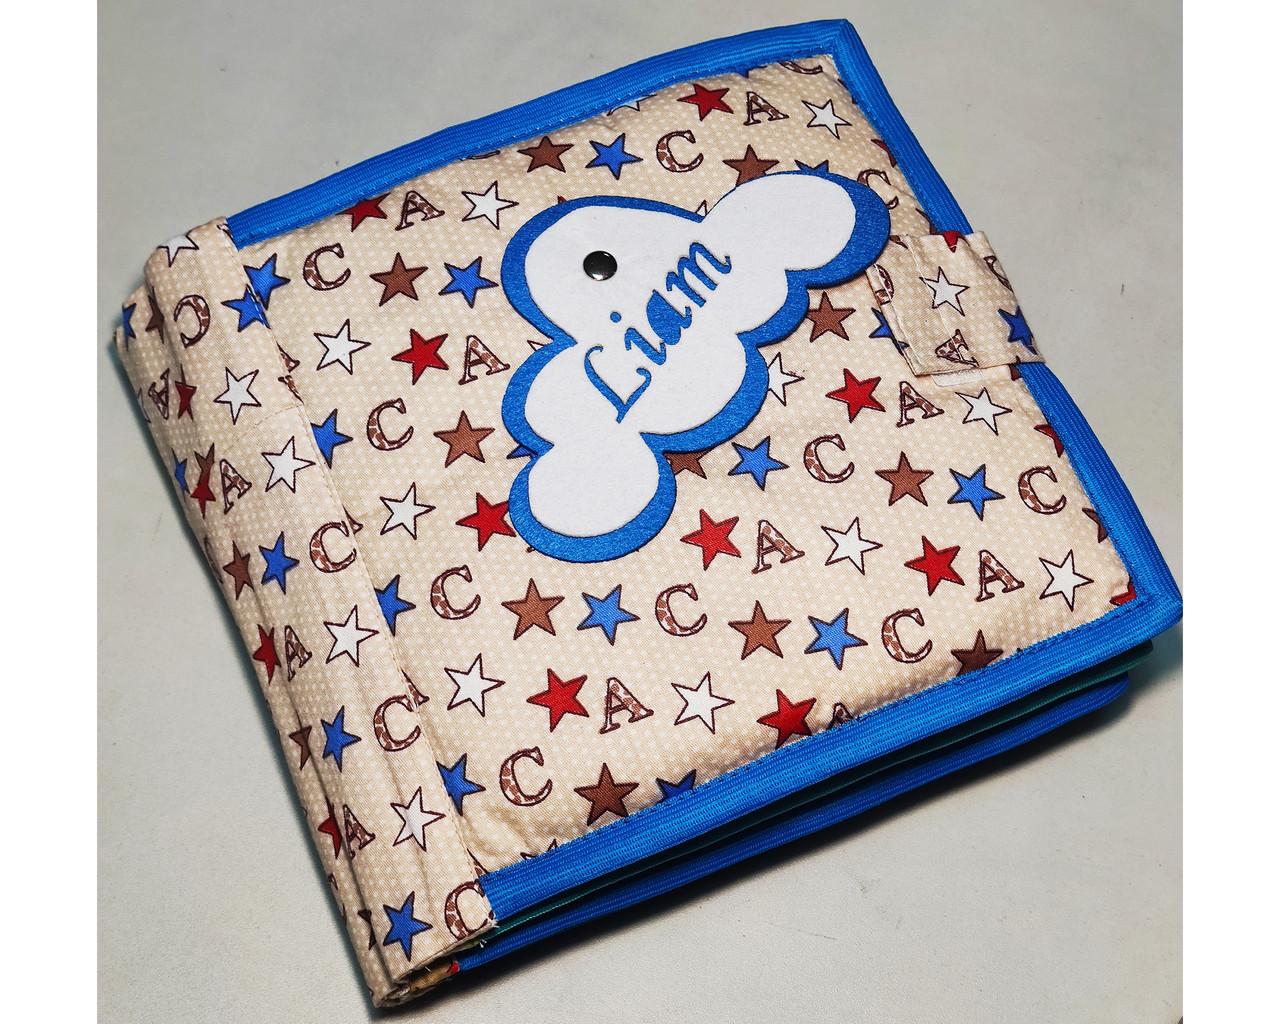 Развивающая Mягкая Книжка из Фетра, Мягкая текстильная книжка handmade (RB01045)